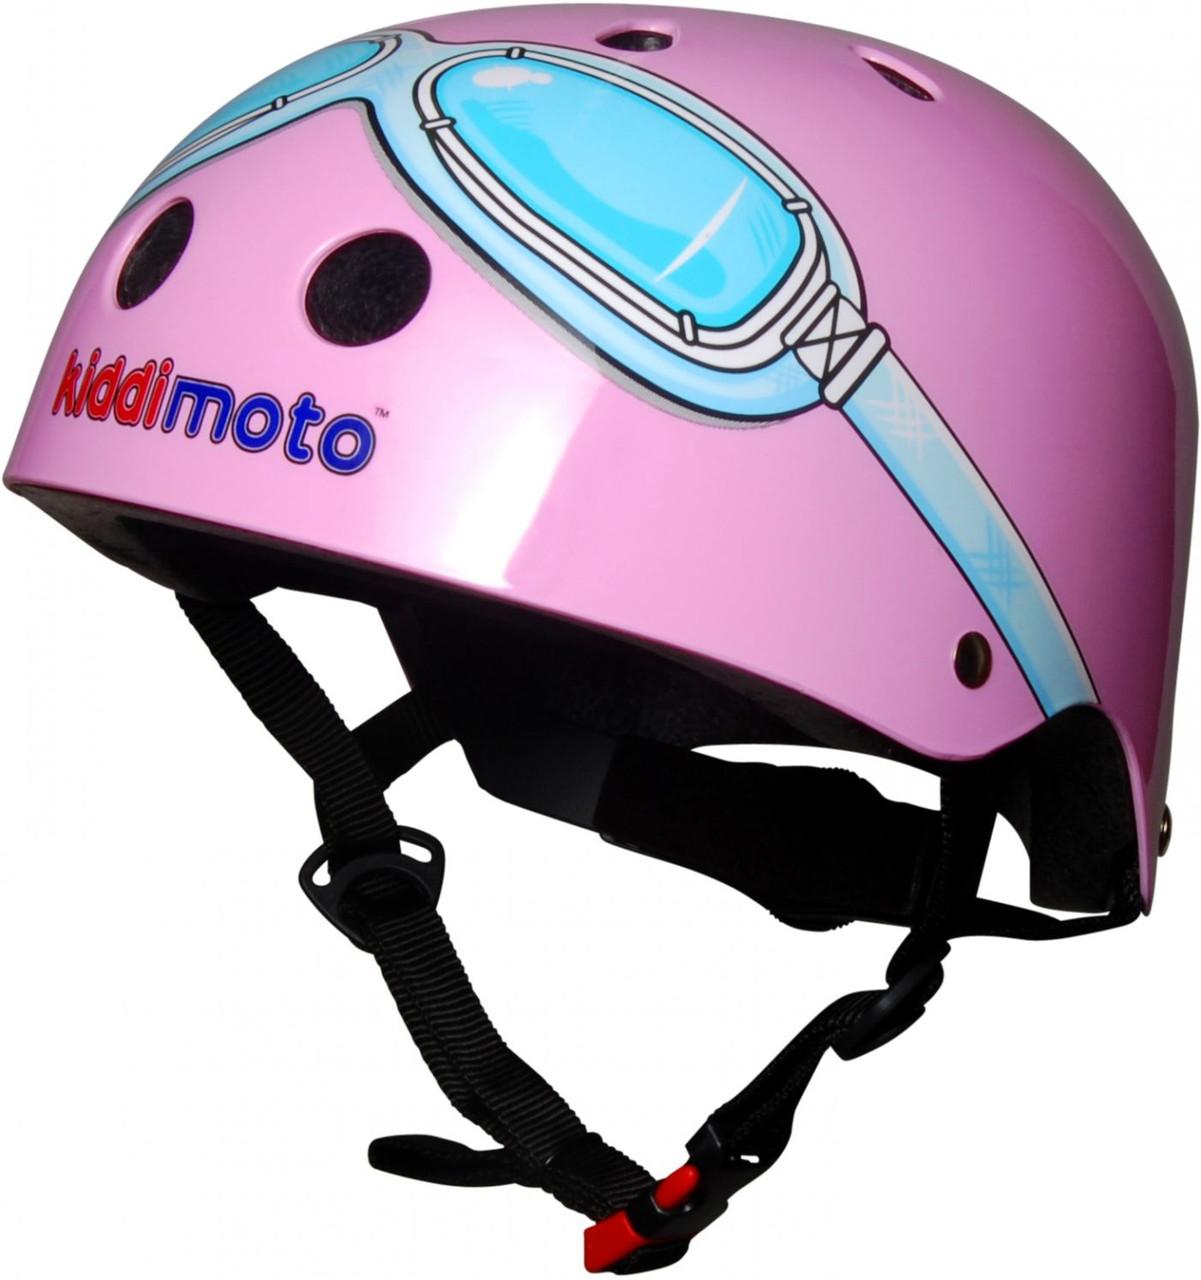 Шлем детский Kiddi Moto очки пилота, розовый, размер M 53-58см